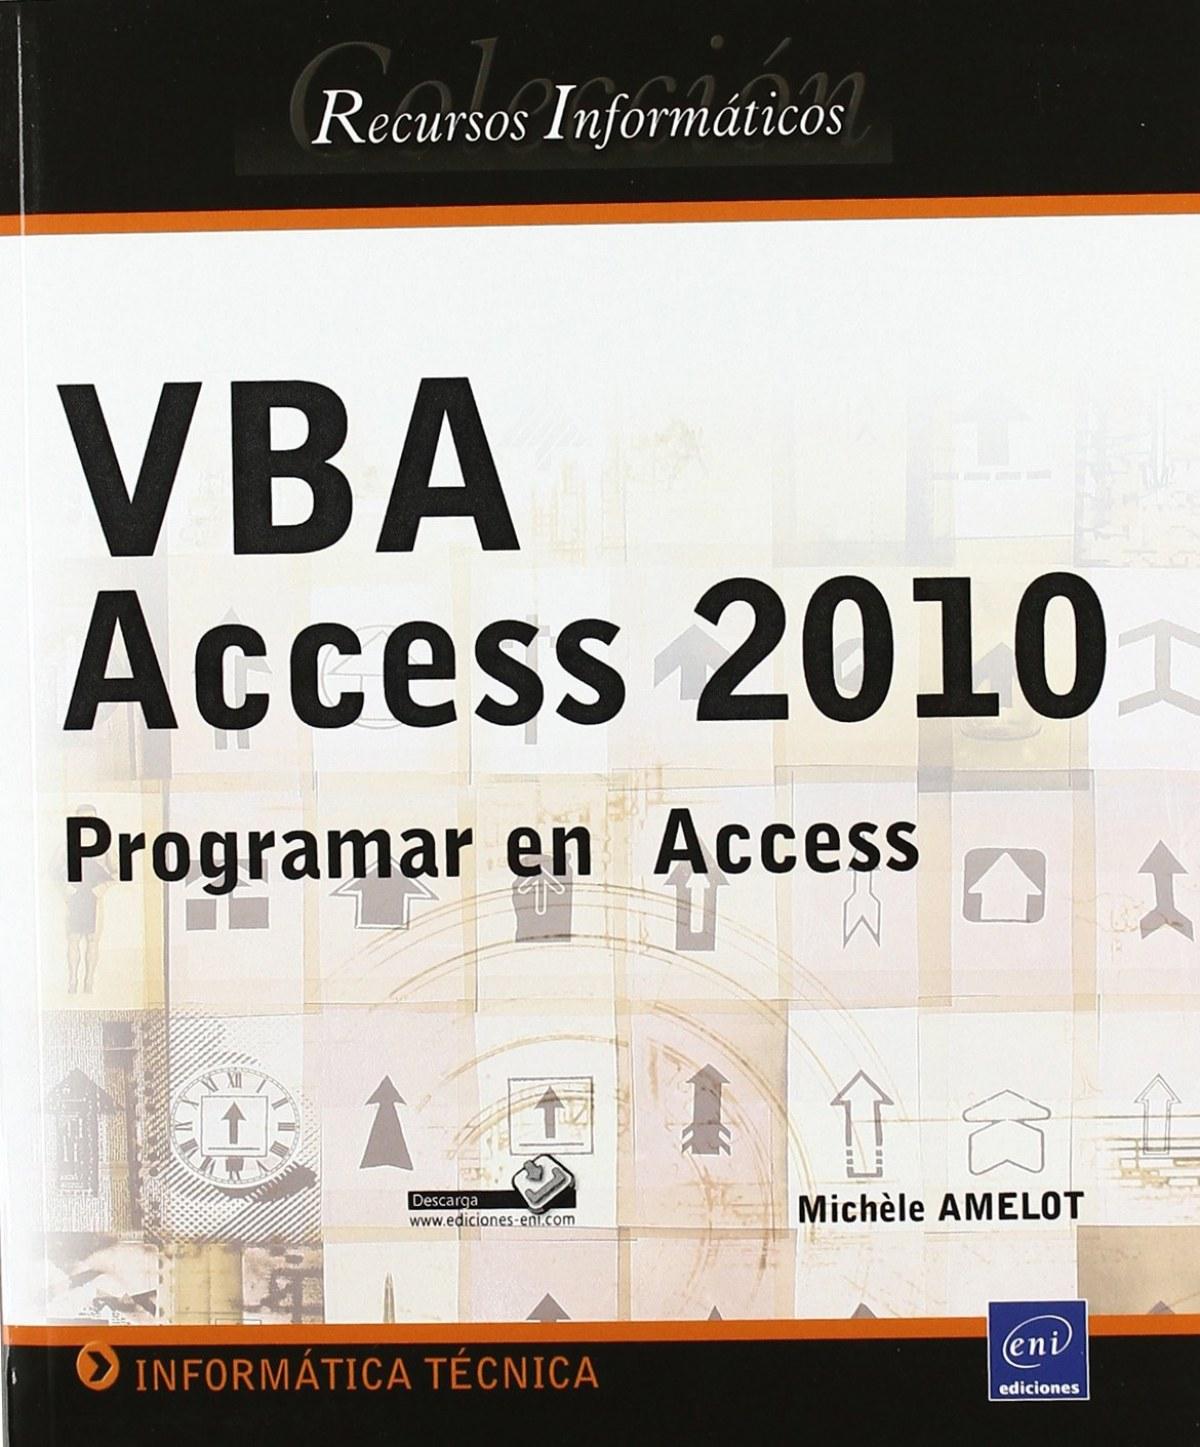 Recursos Inform. VBA ACCESS 2010